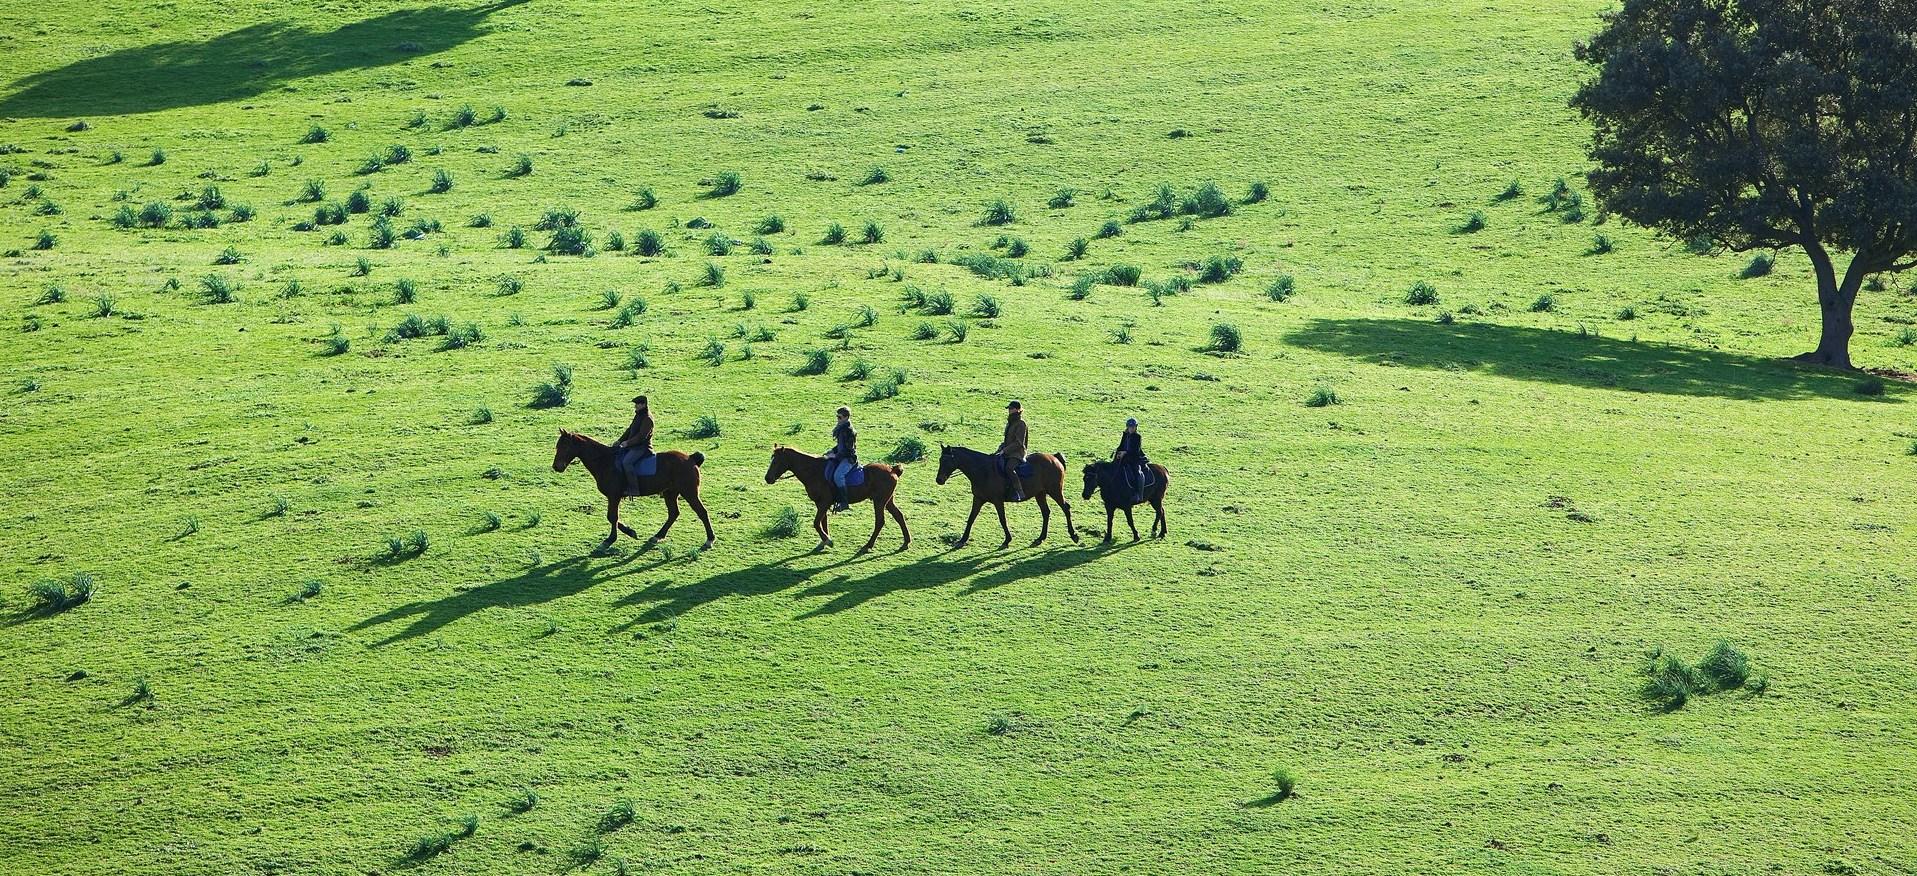 horse-riding-corsica